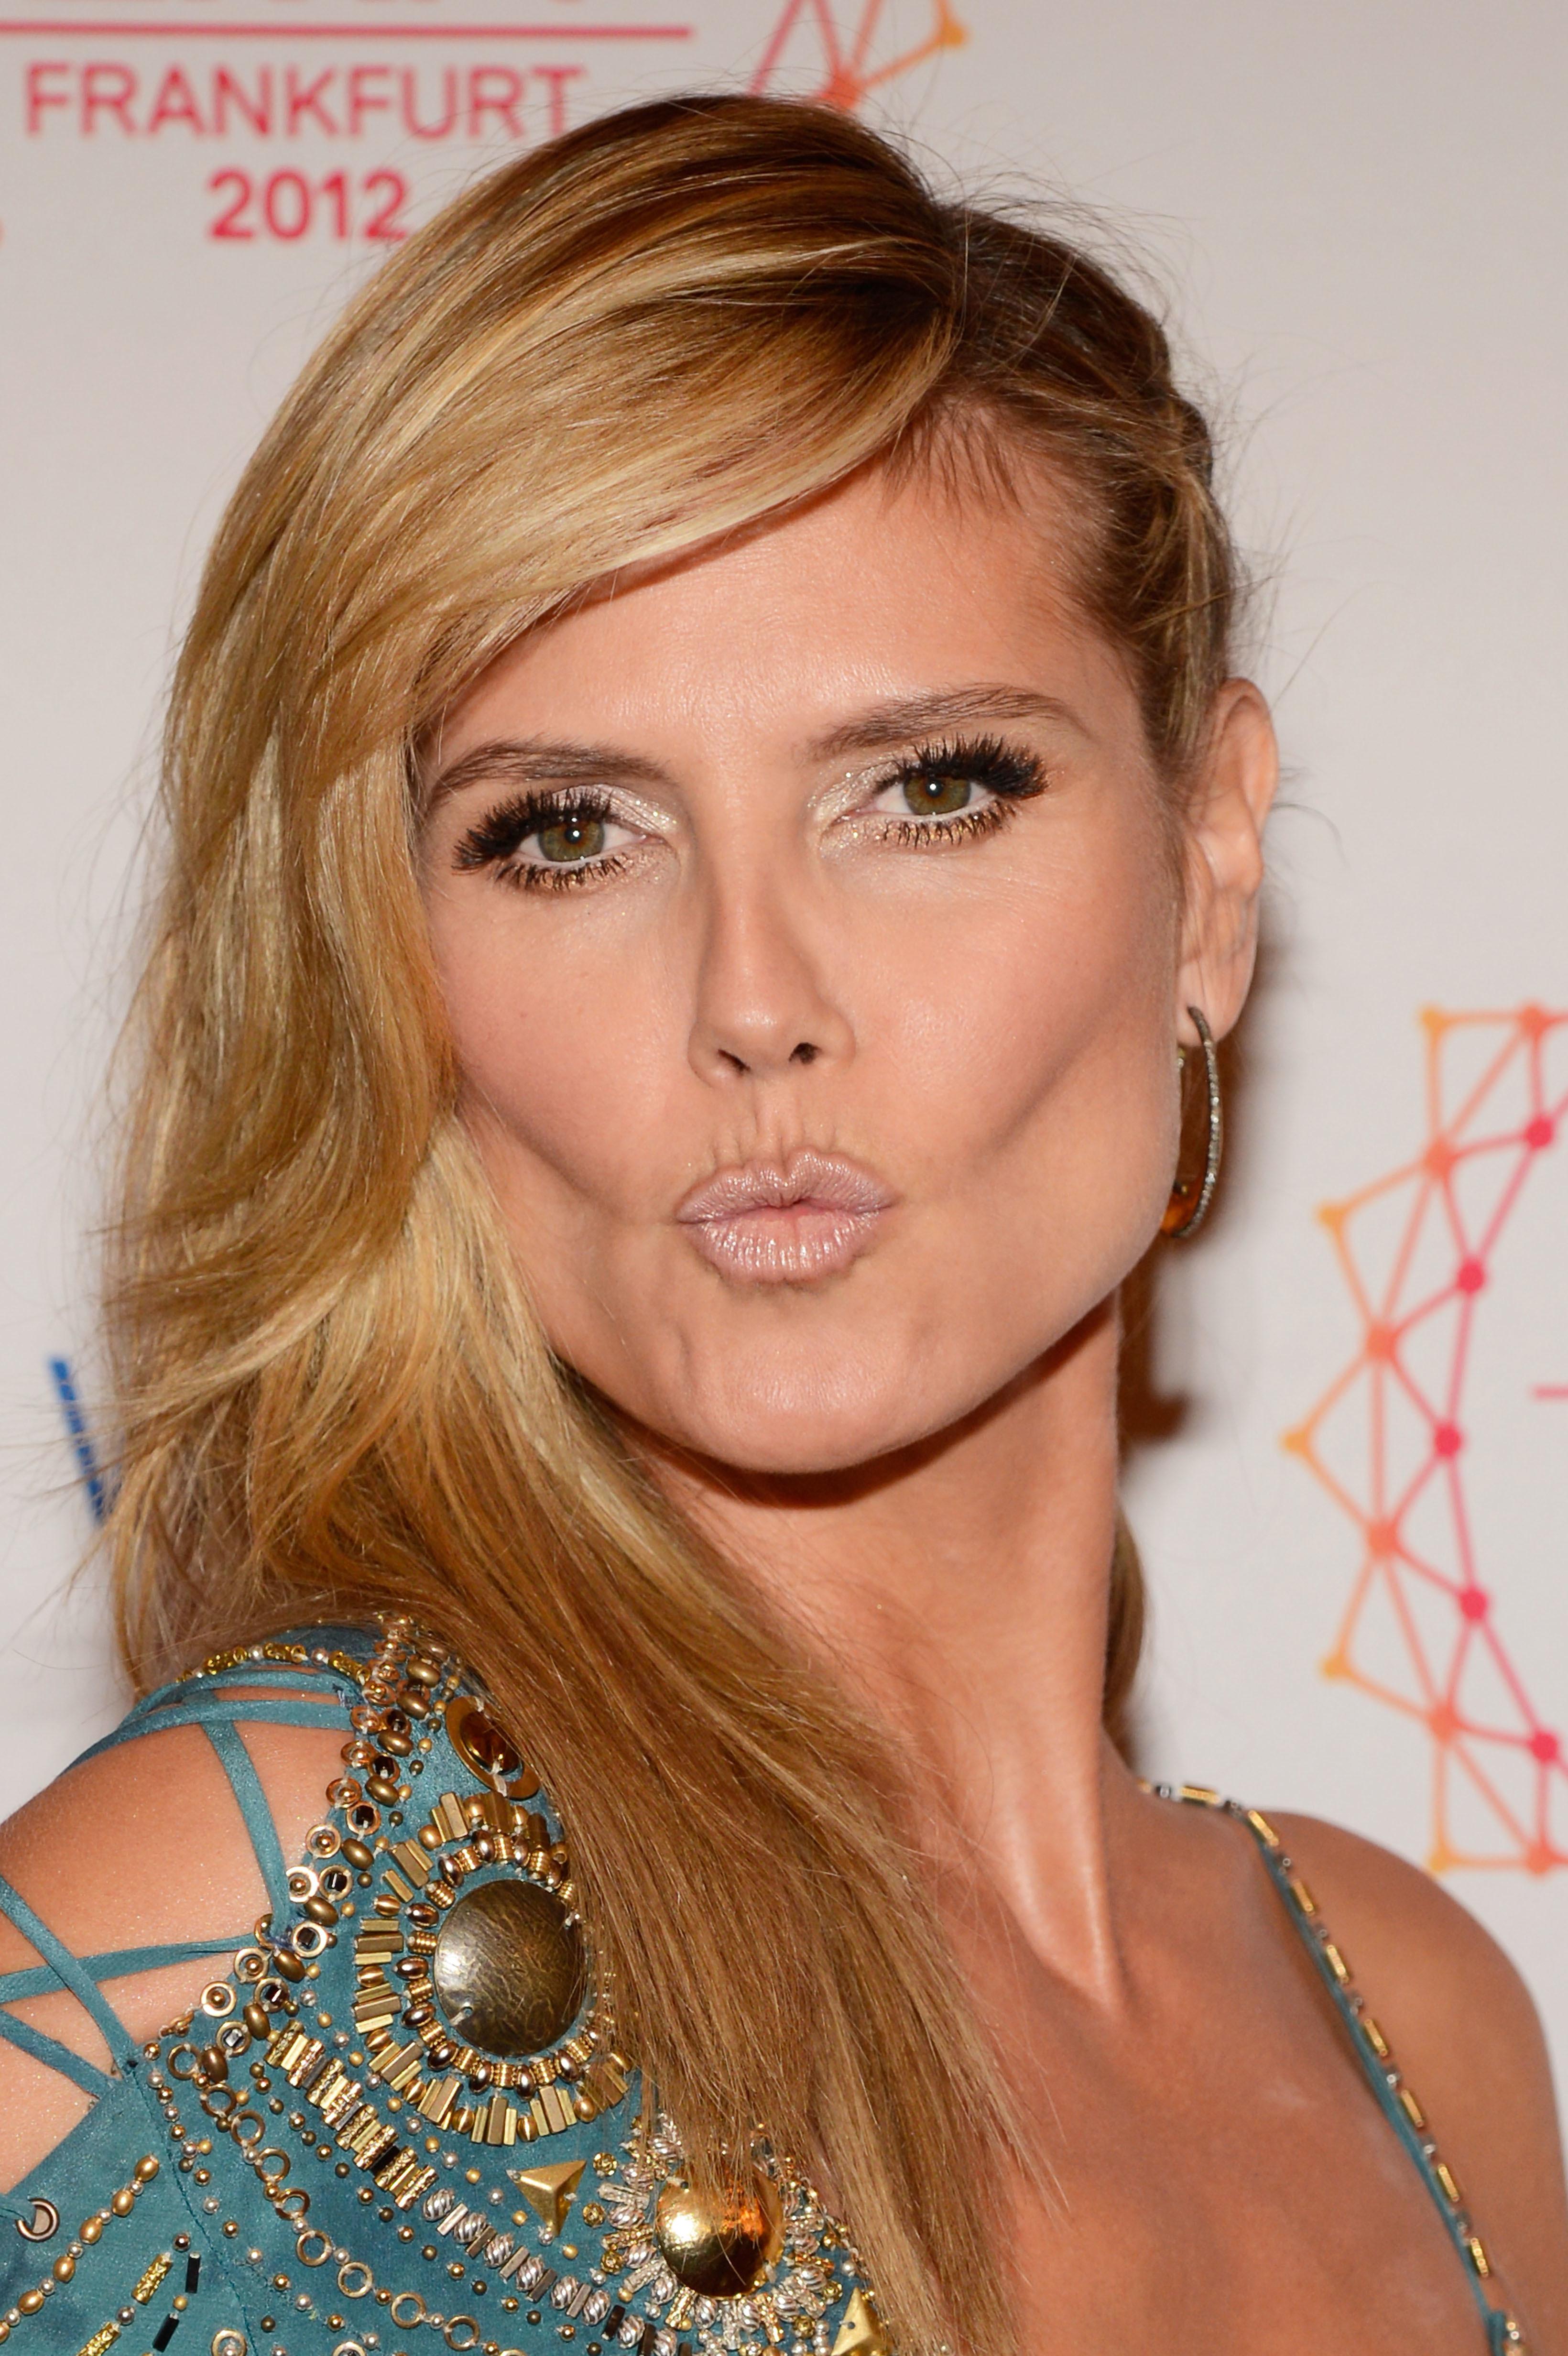 Heidi Klum nude lips